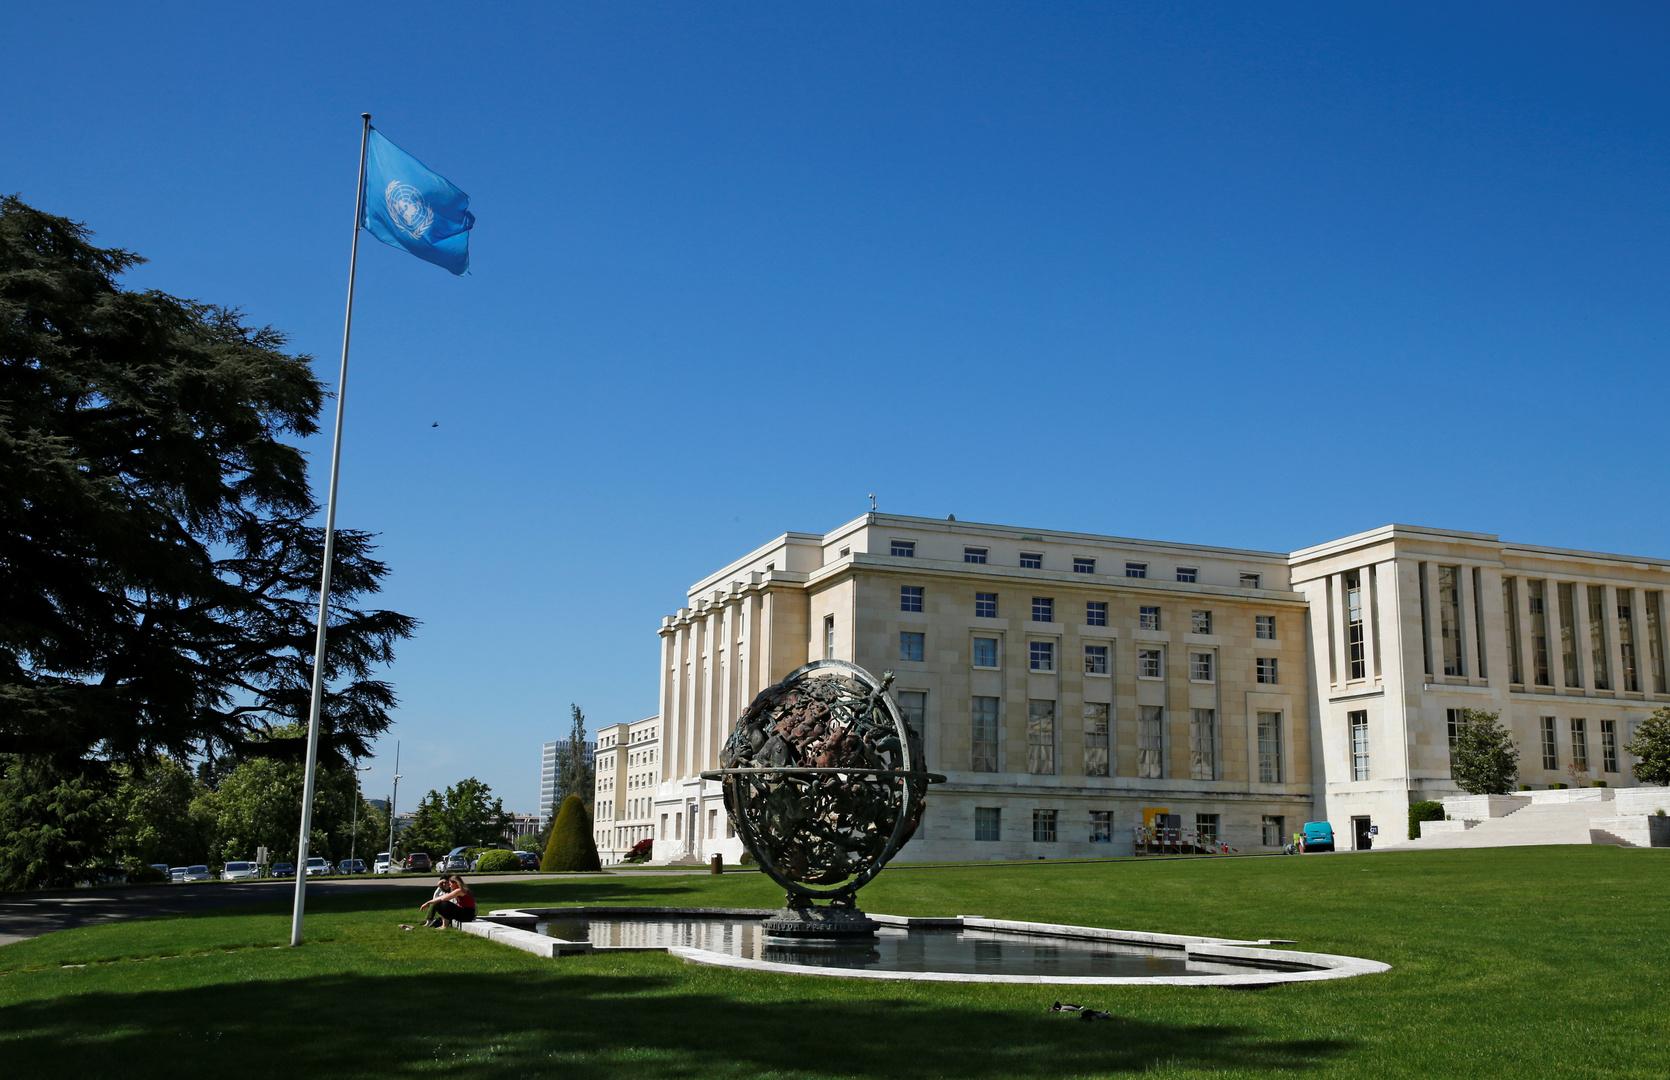 المقر الأوروبي للأمم المتحدة في جنيف